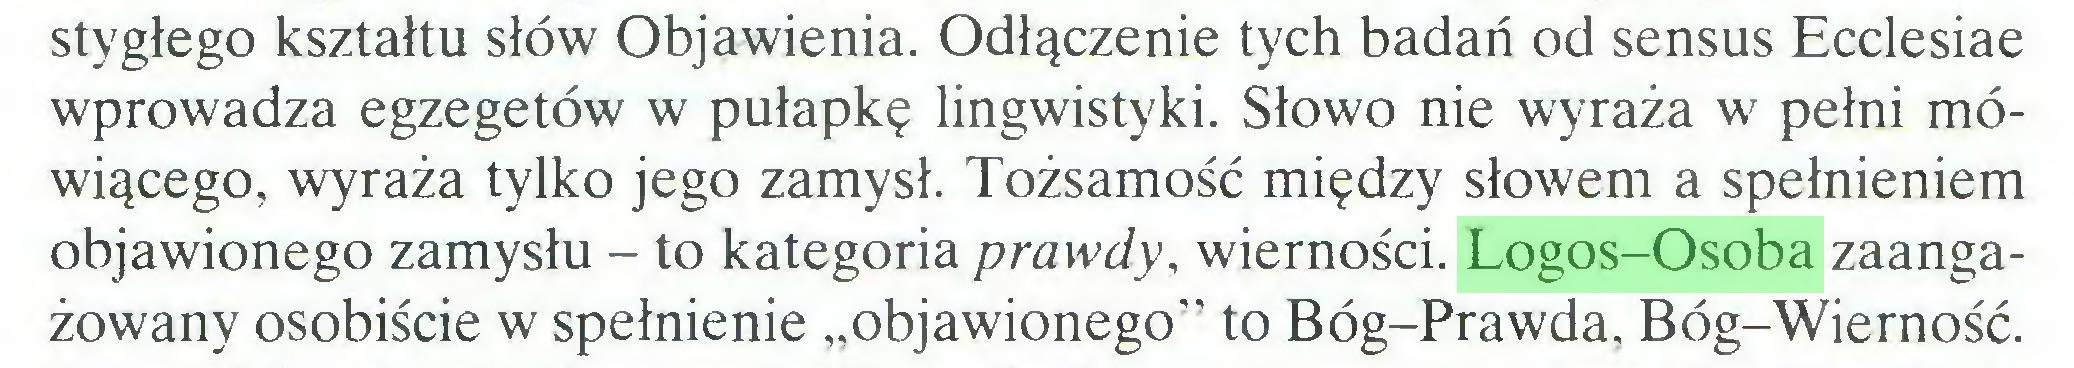 """(...) stygłego kształtu słów Objawienia. Odłączenie tych badań od sensus Ecclesiae wprowadza egzegetów w pułapkę lingwistyki. Słowo nie wyraża w pełni mówiącego, wyraża tylko jego zamysł. Tożsamość między słowem a spełnieniem objawionego zamysłu - to kategoria prawdy, wierności. Logos-Osoba zaangażowany osobiście w spełnienie """"objawionego"""" to Bóg-Prawda, Bóg-Wierność..."""